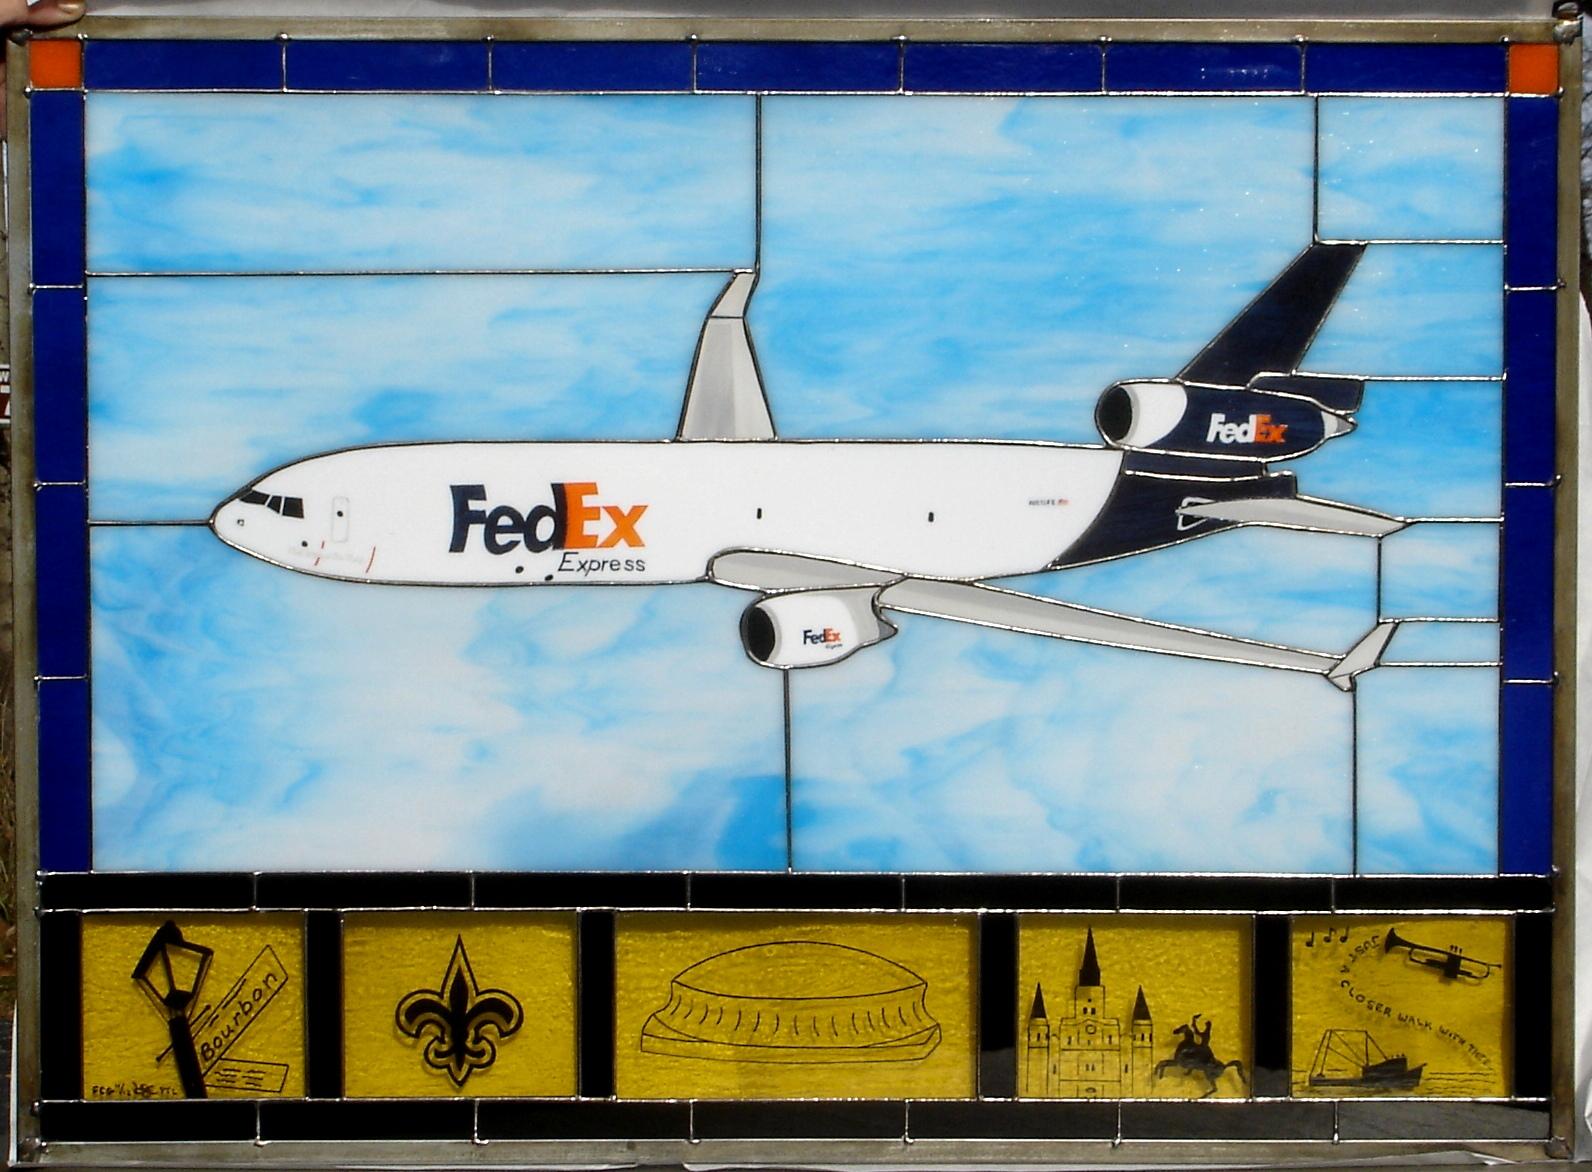 Big Easy FedEx MD-11